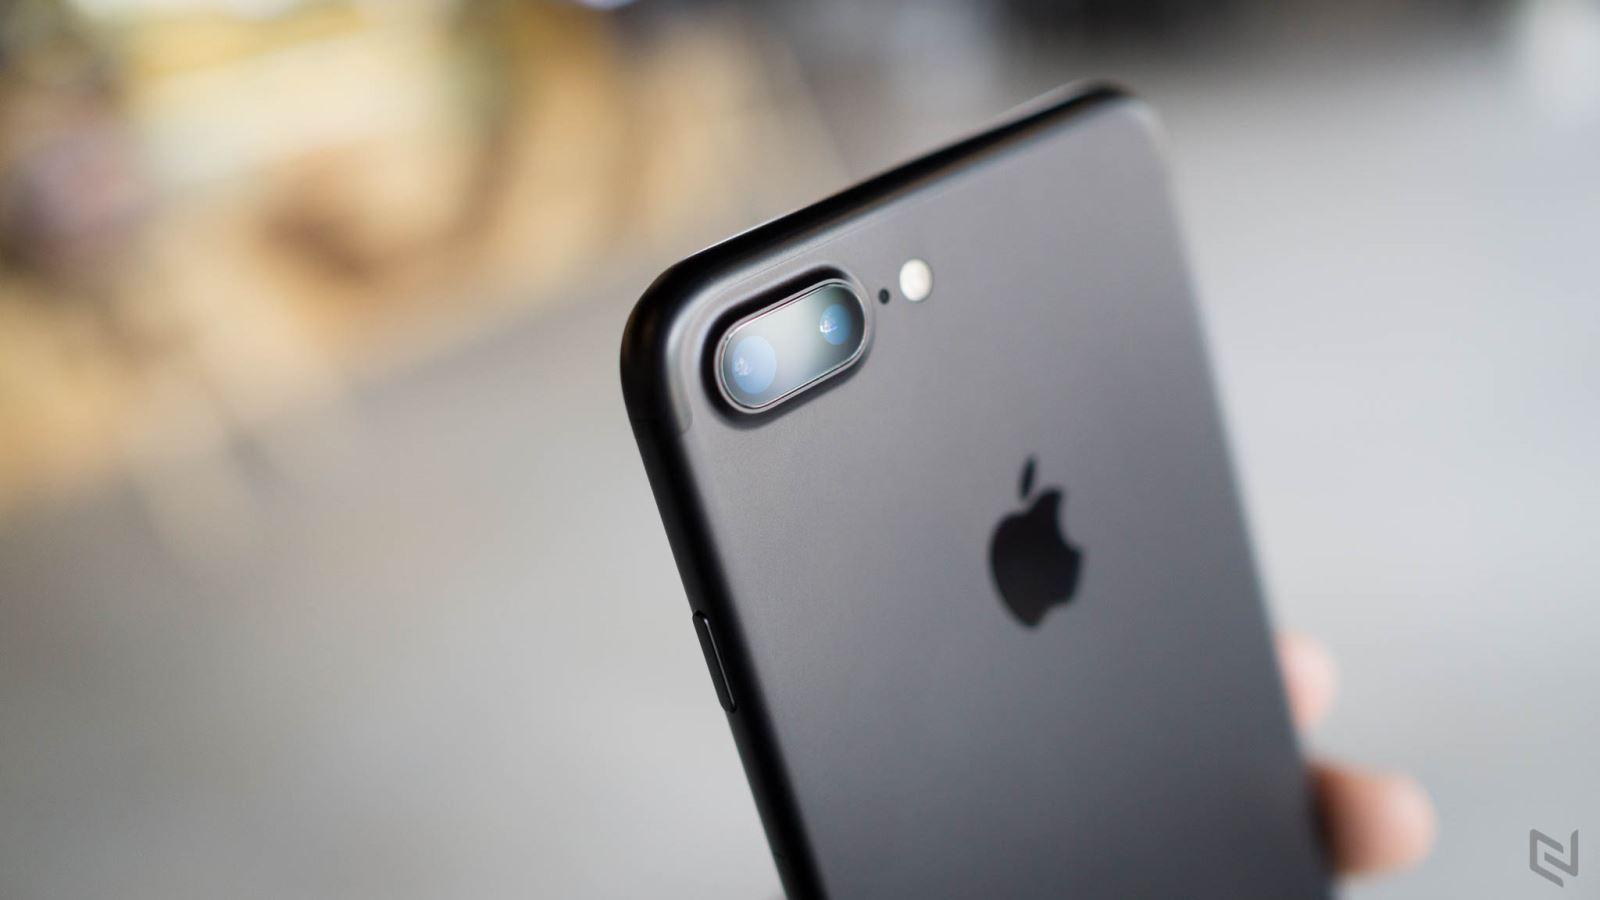 Thực hư chuyện mua iPhone 7 chính hãng giá rẻ